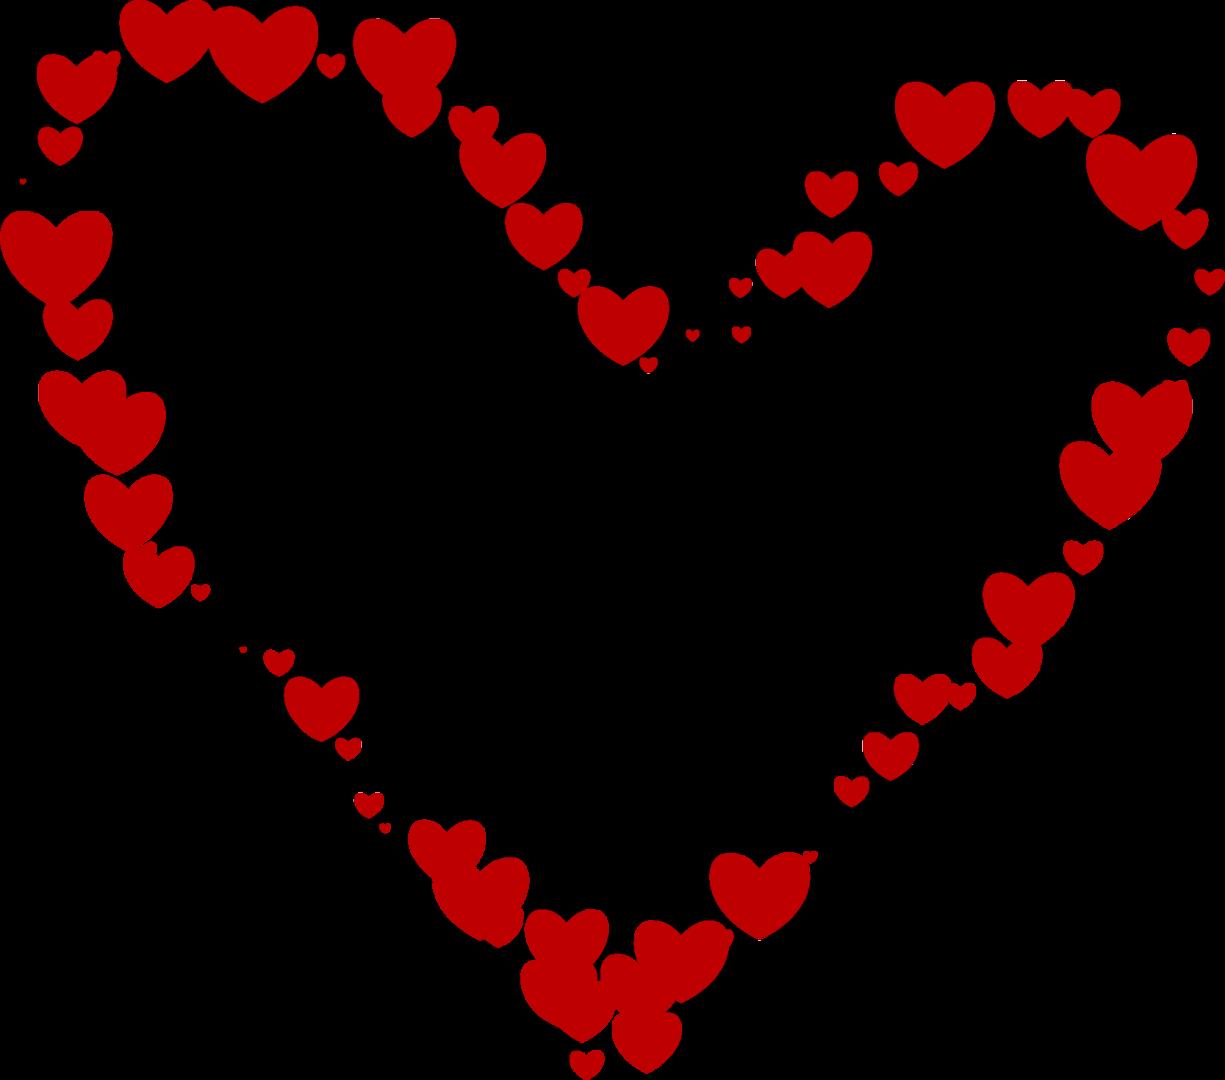 повседневном картинки сердечек в пнг на прозрачном фоне рецепт приготовления